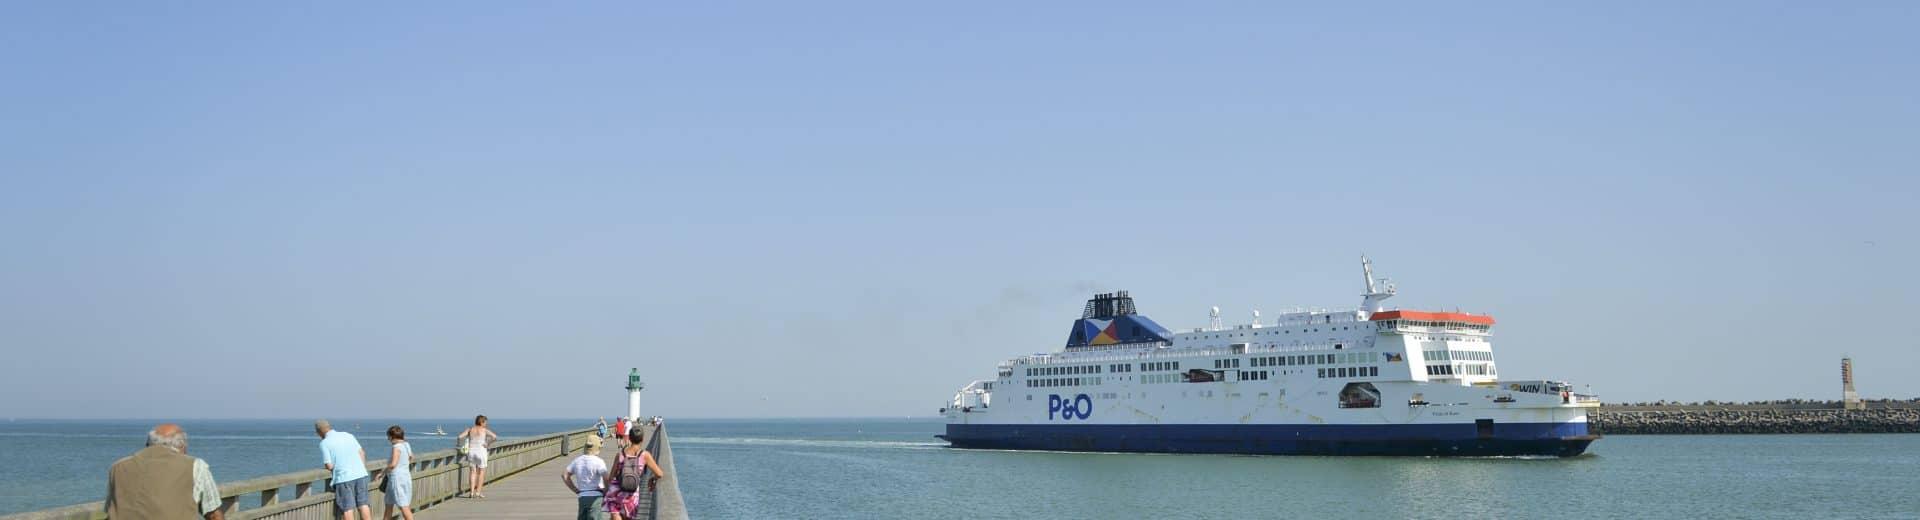 Calais ferry 2019-2 ® Yannick Cadart